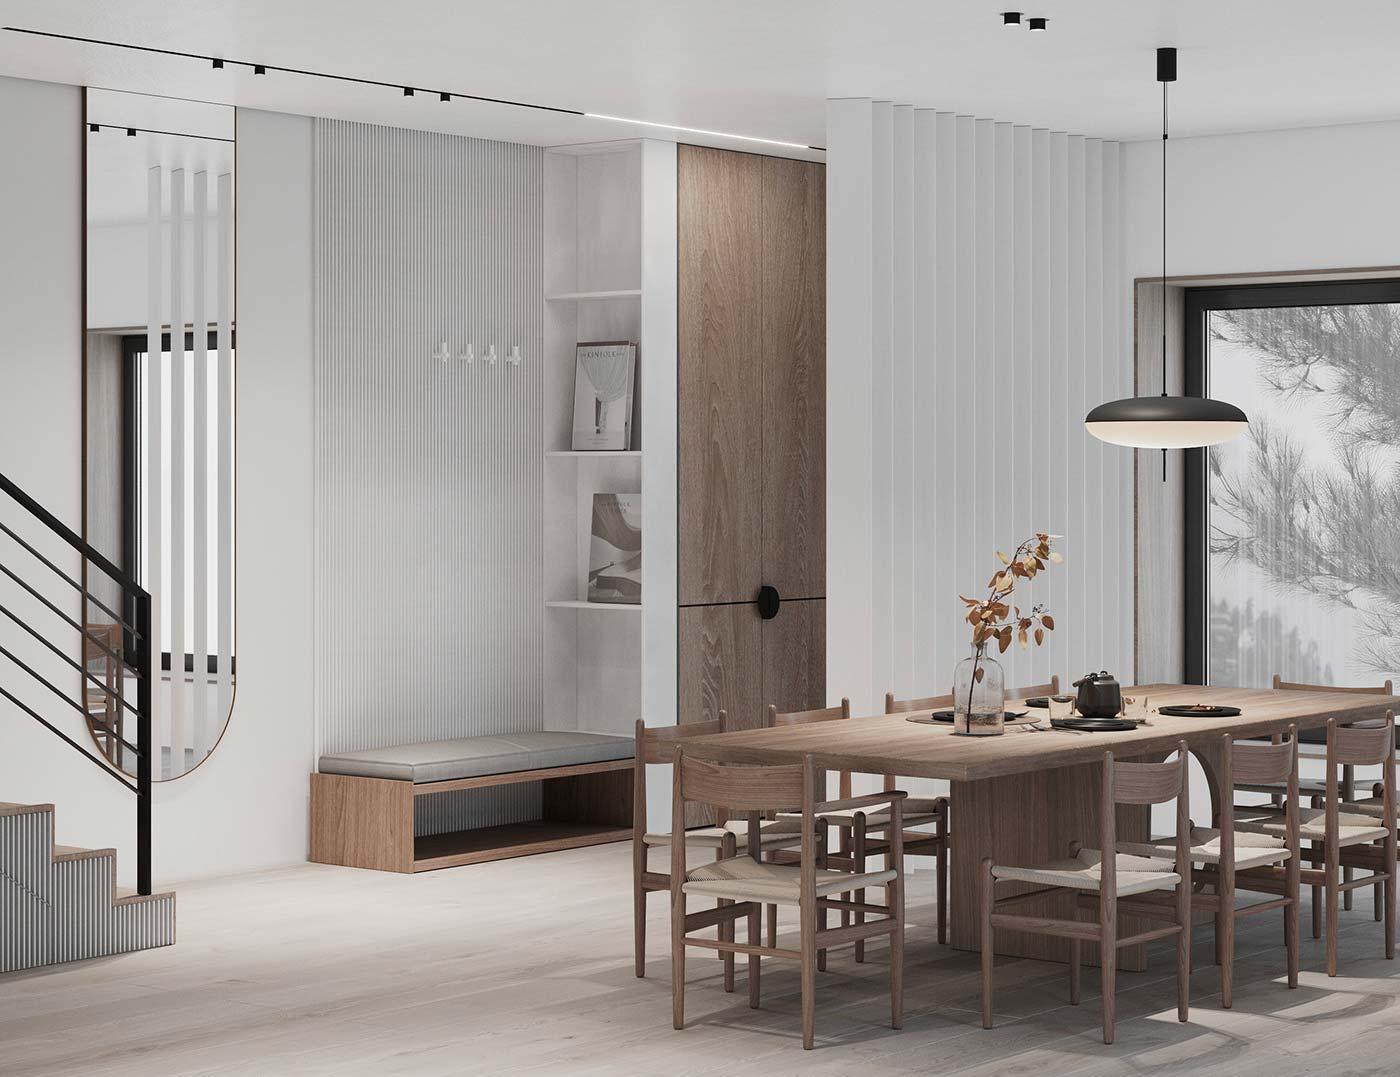 Une salle à manger minimaliste très lumineuse. Décoration blanche et bois